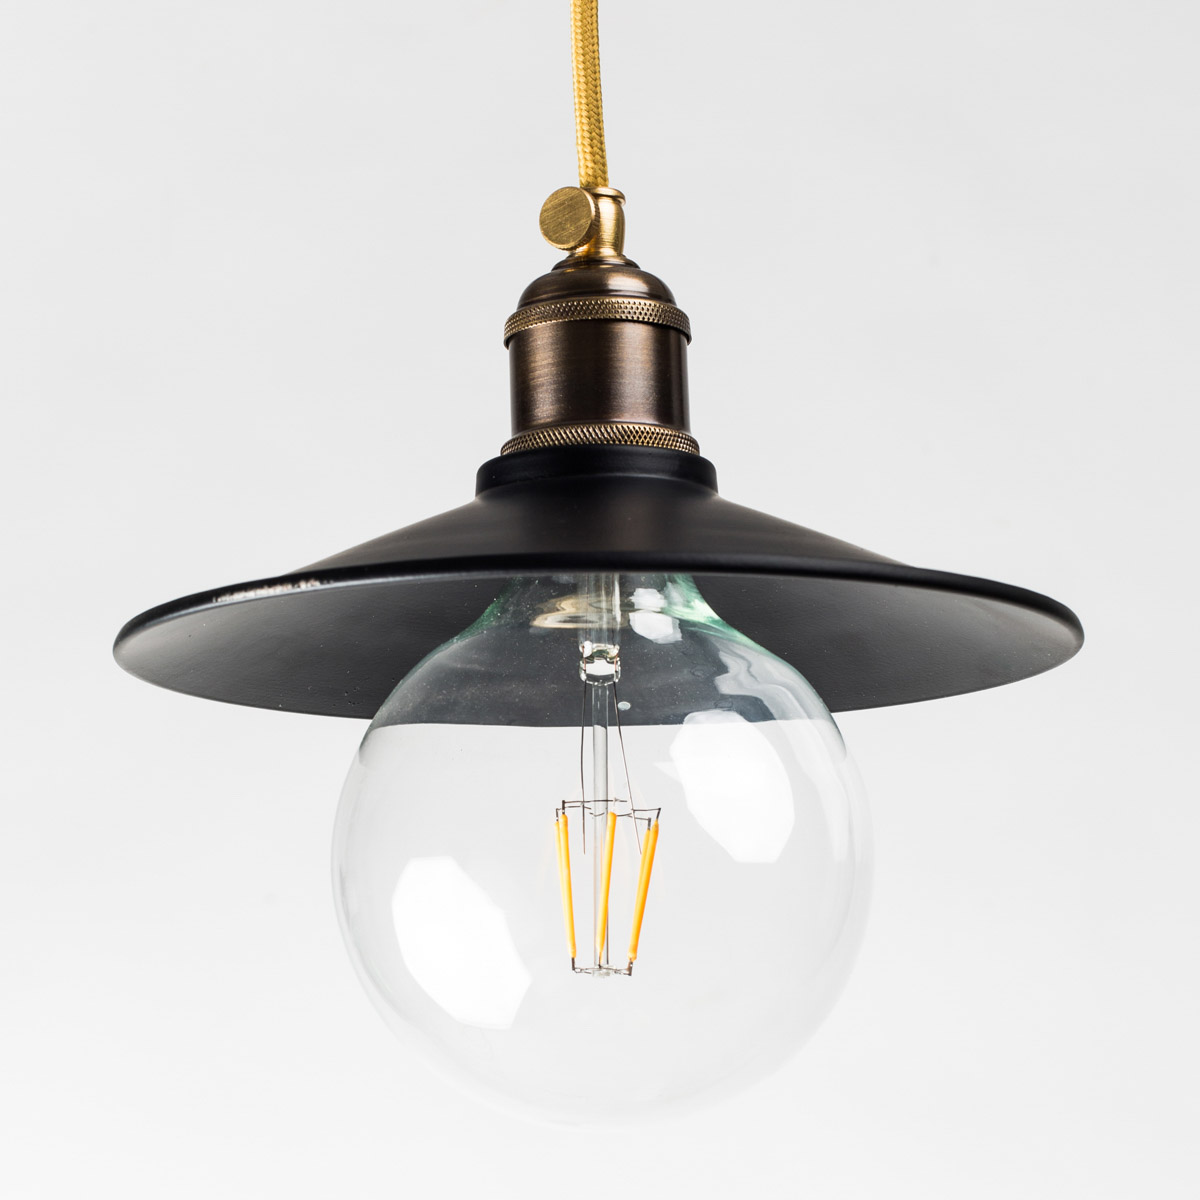 Потолочный светильник 740 стальной черный